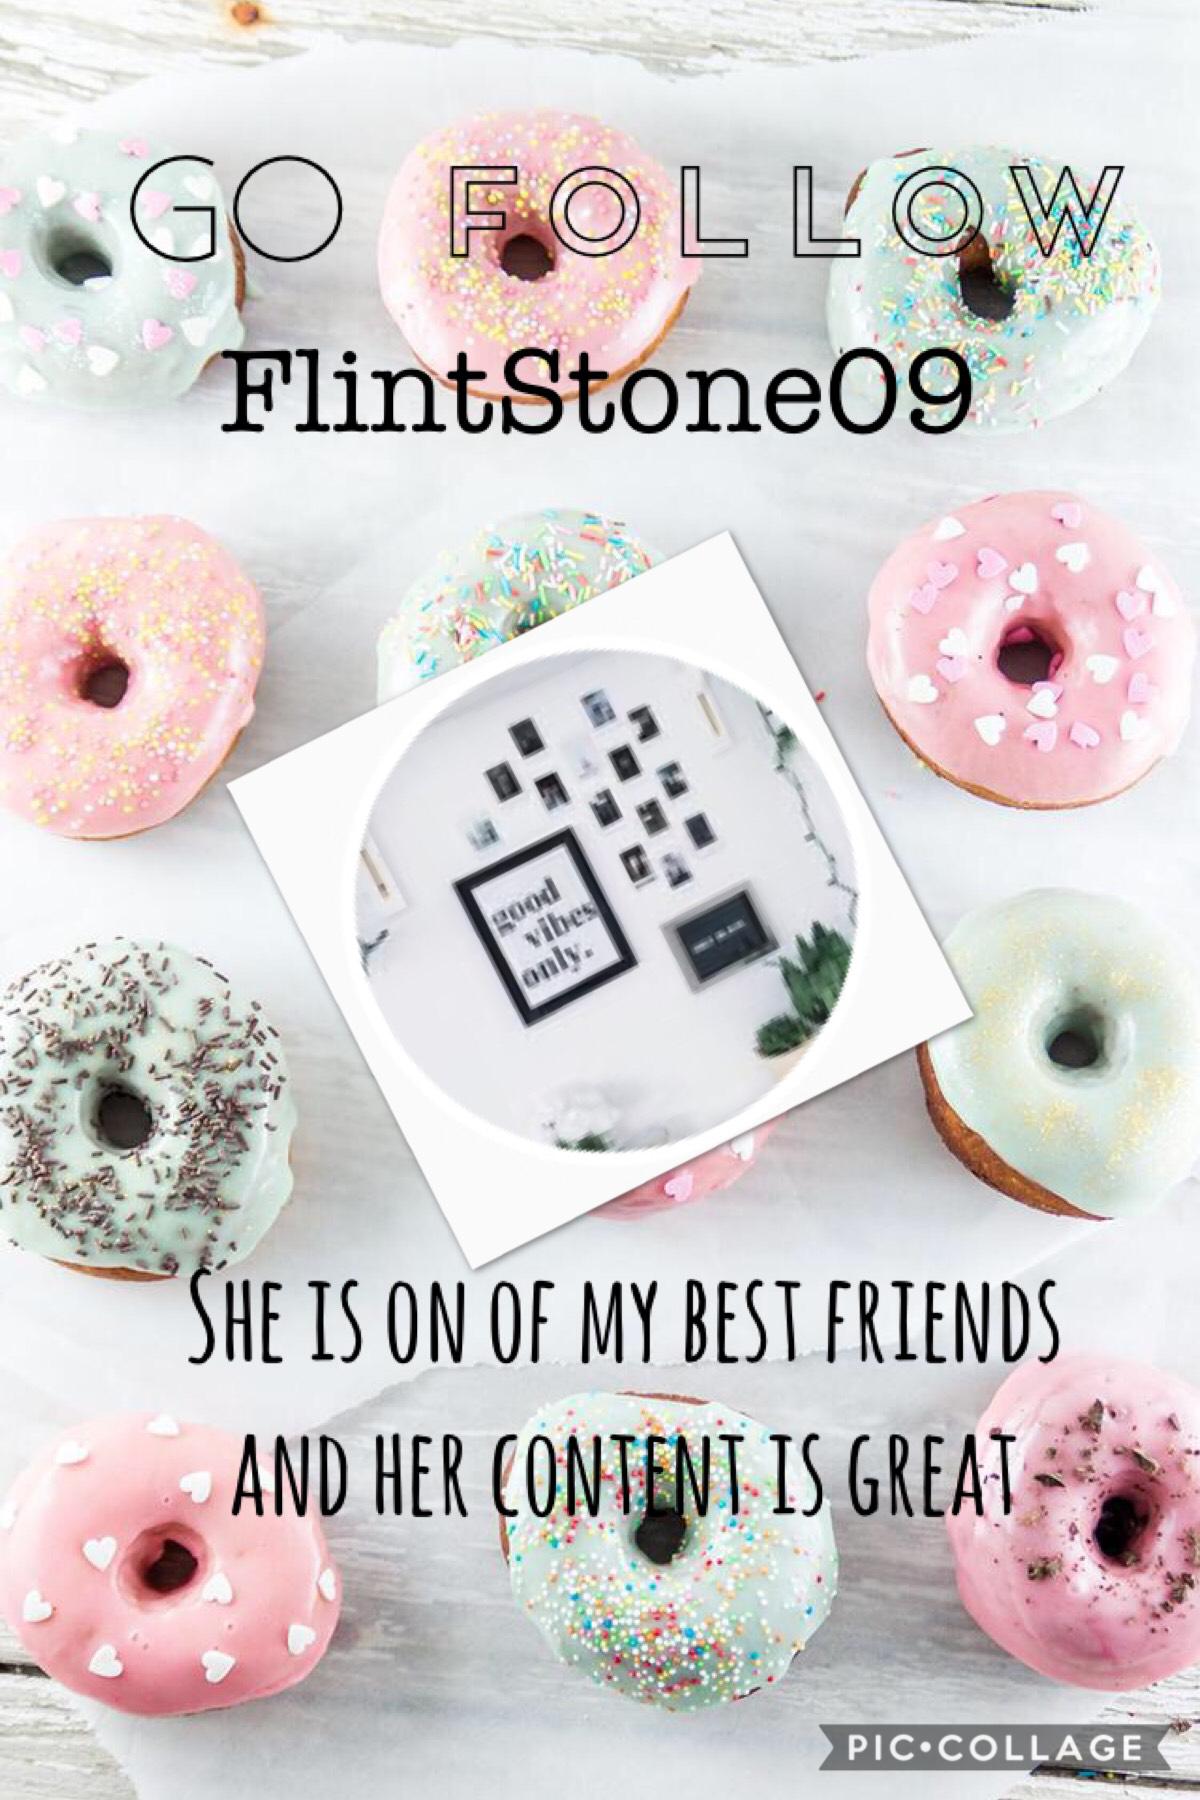 Go follow FlintStone09